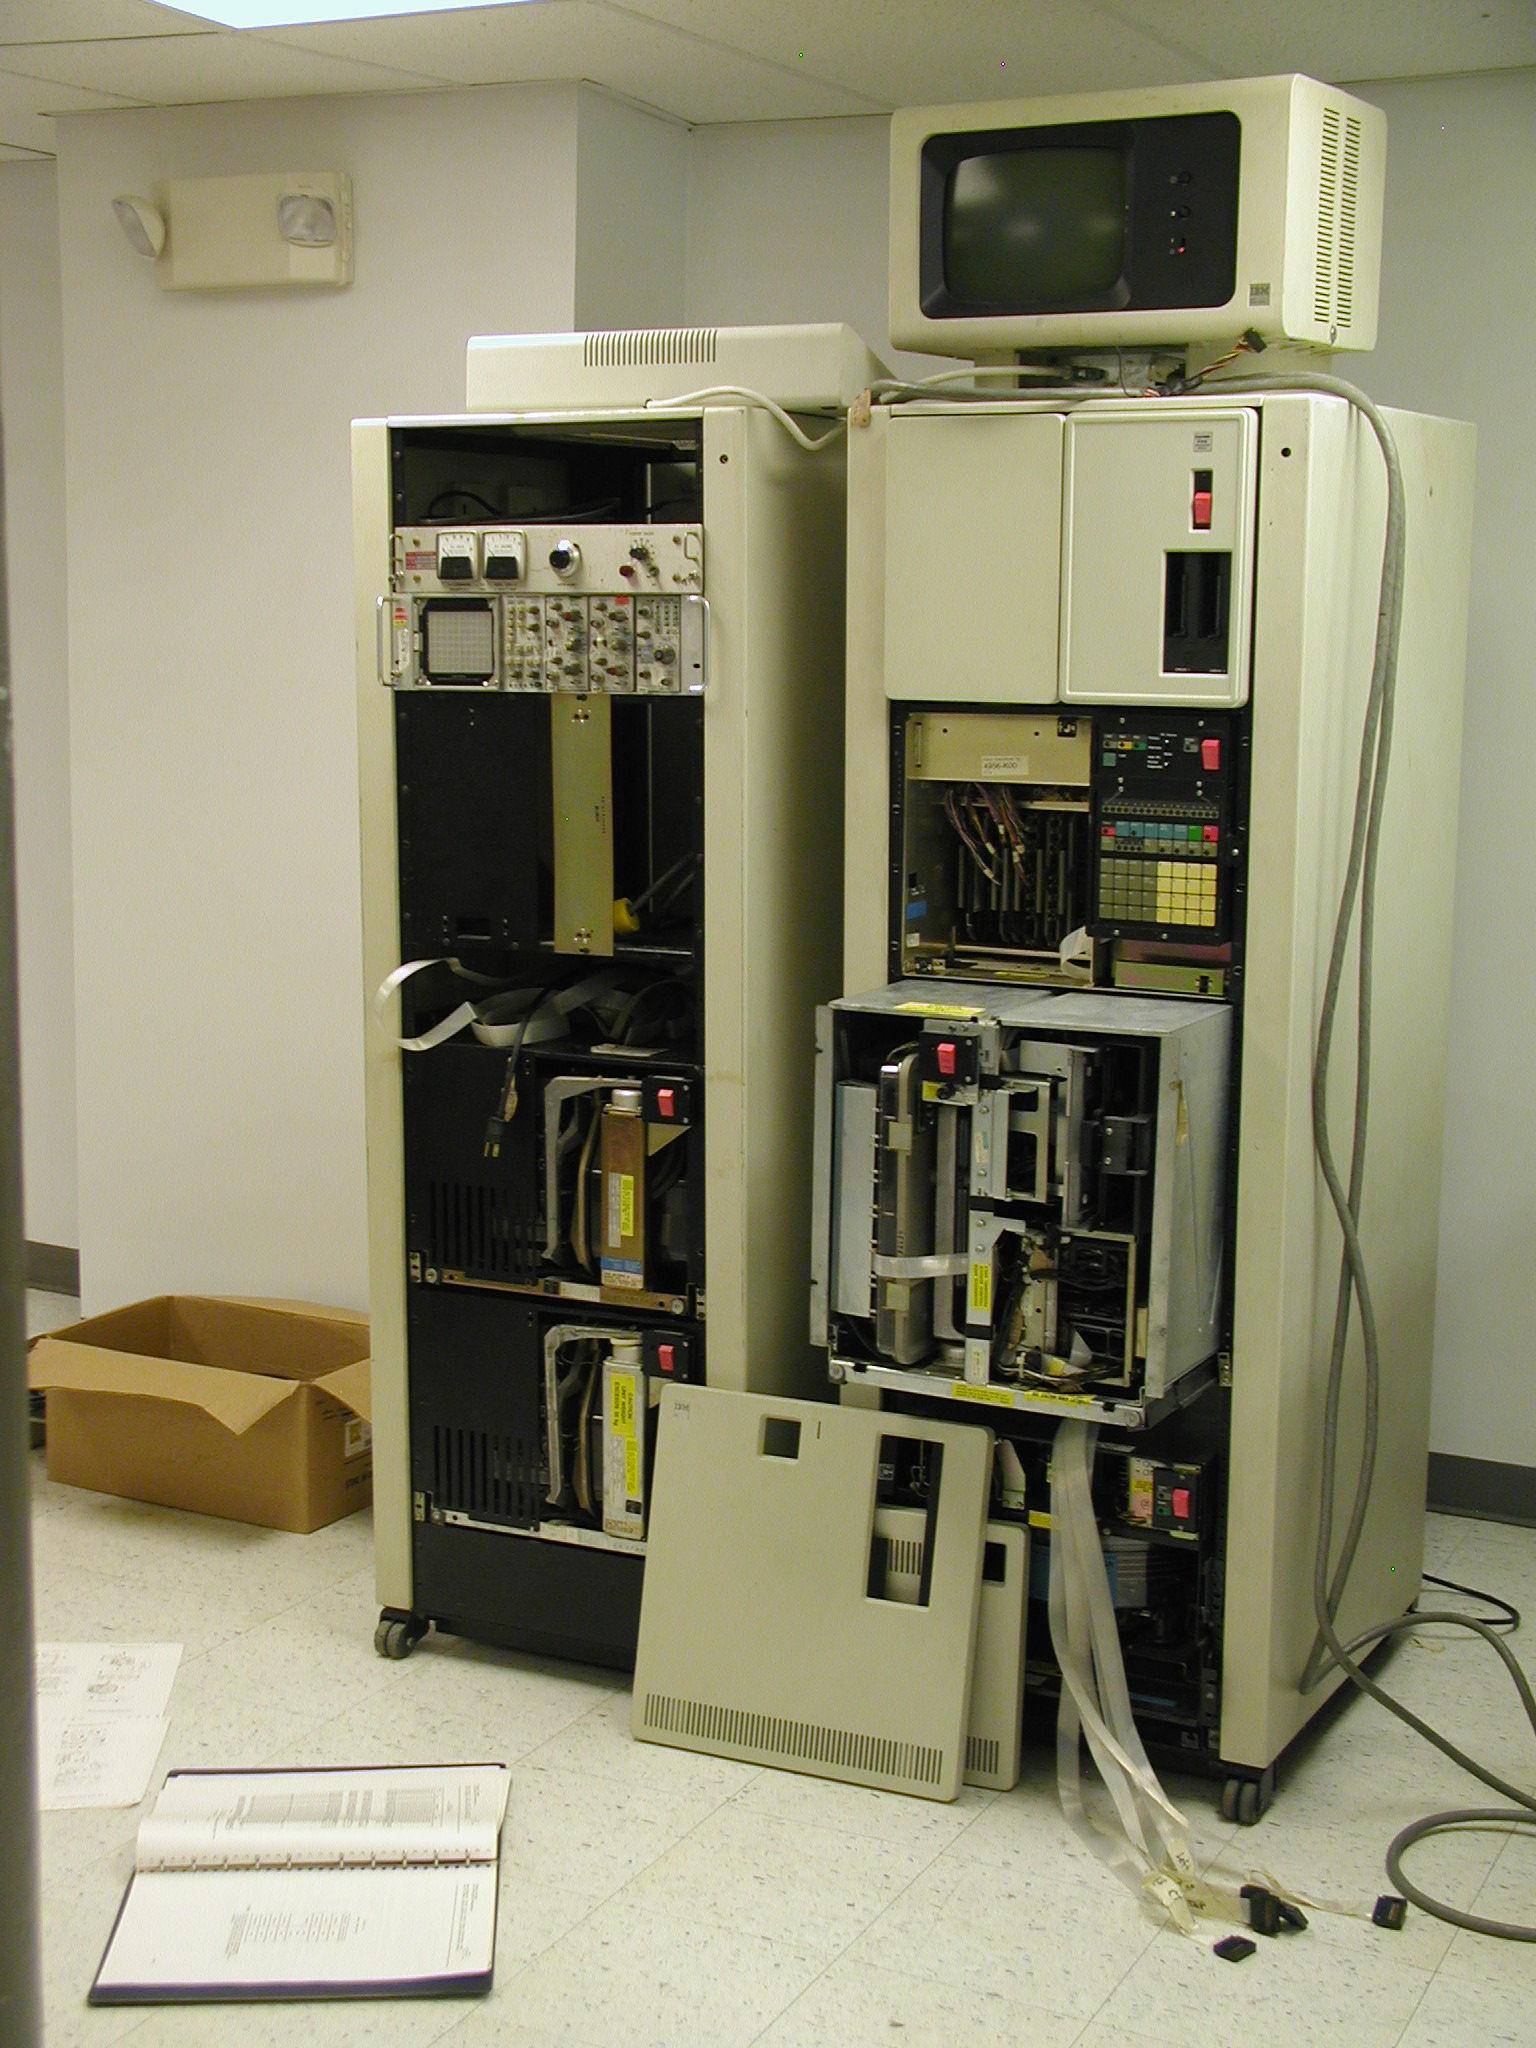 Военные США используют 8-дюймовые гибкие дискеты и компьютеры 70-х годов для управления ядерным арсеналом - 2